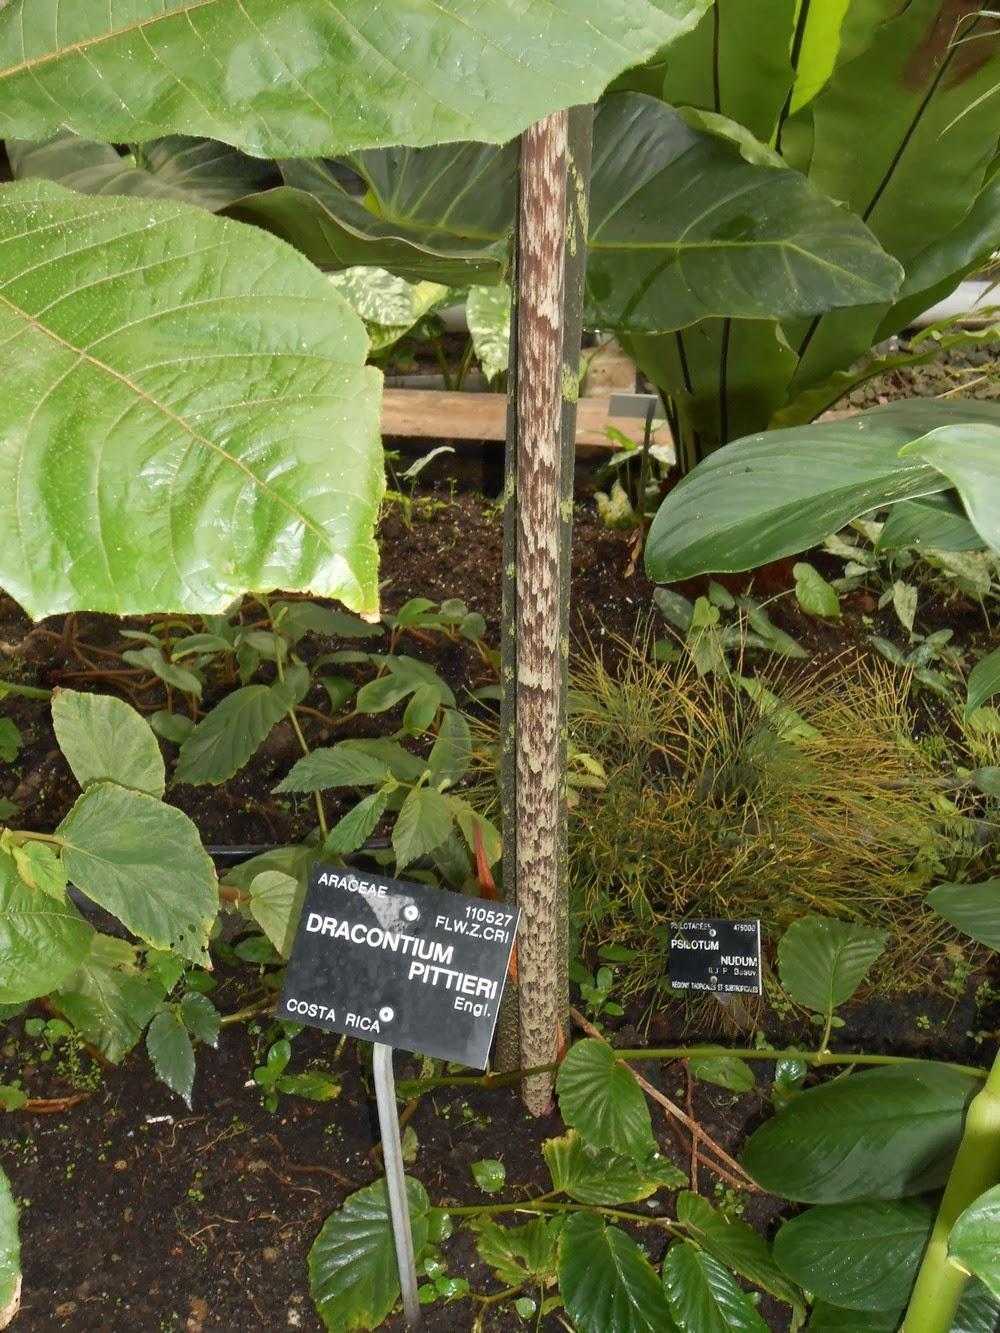 La tige du dracontium pittieri